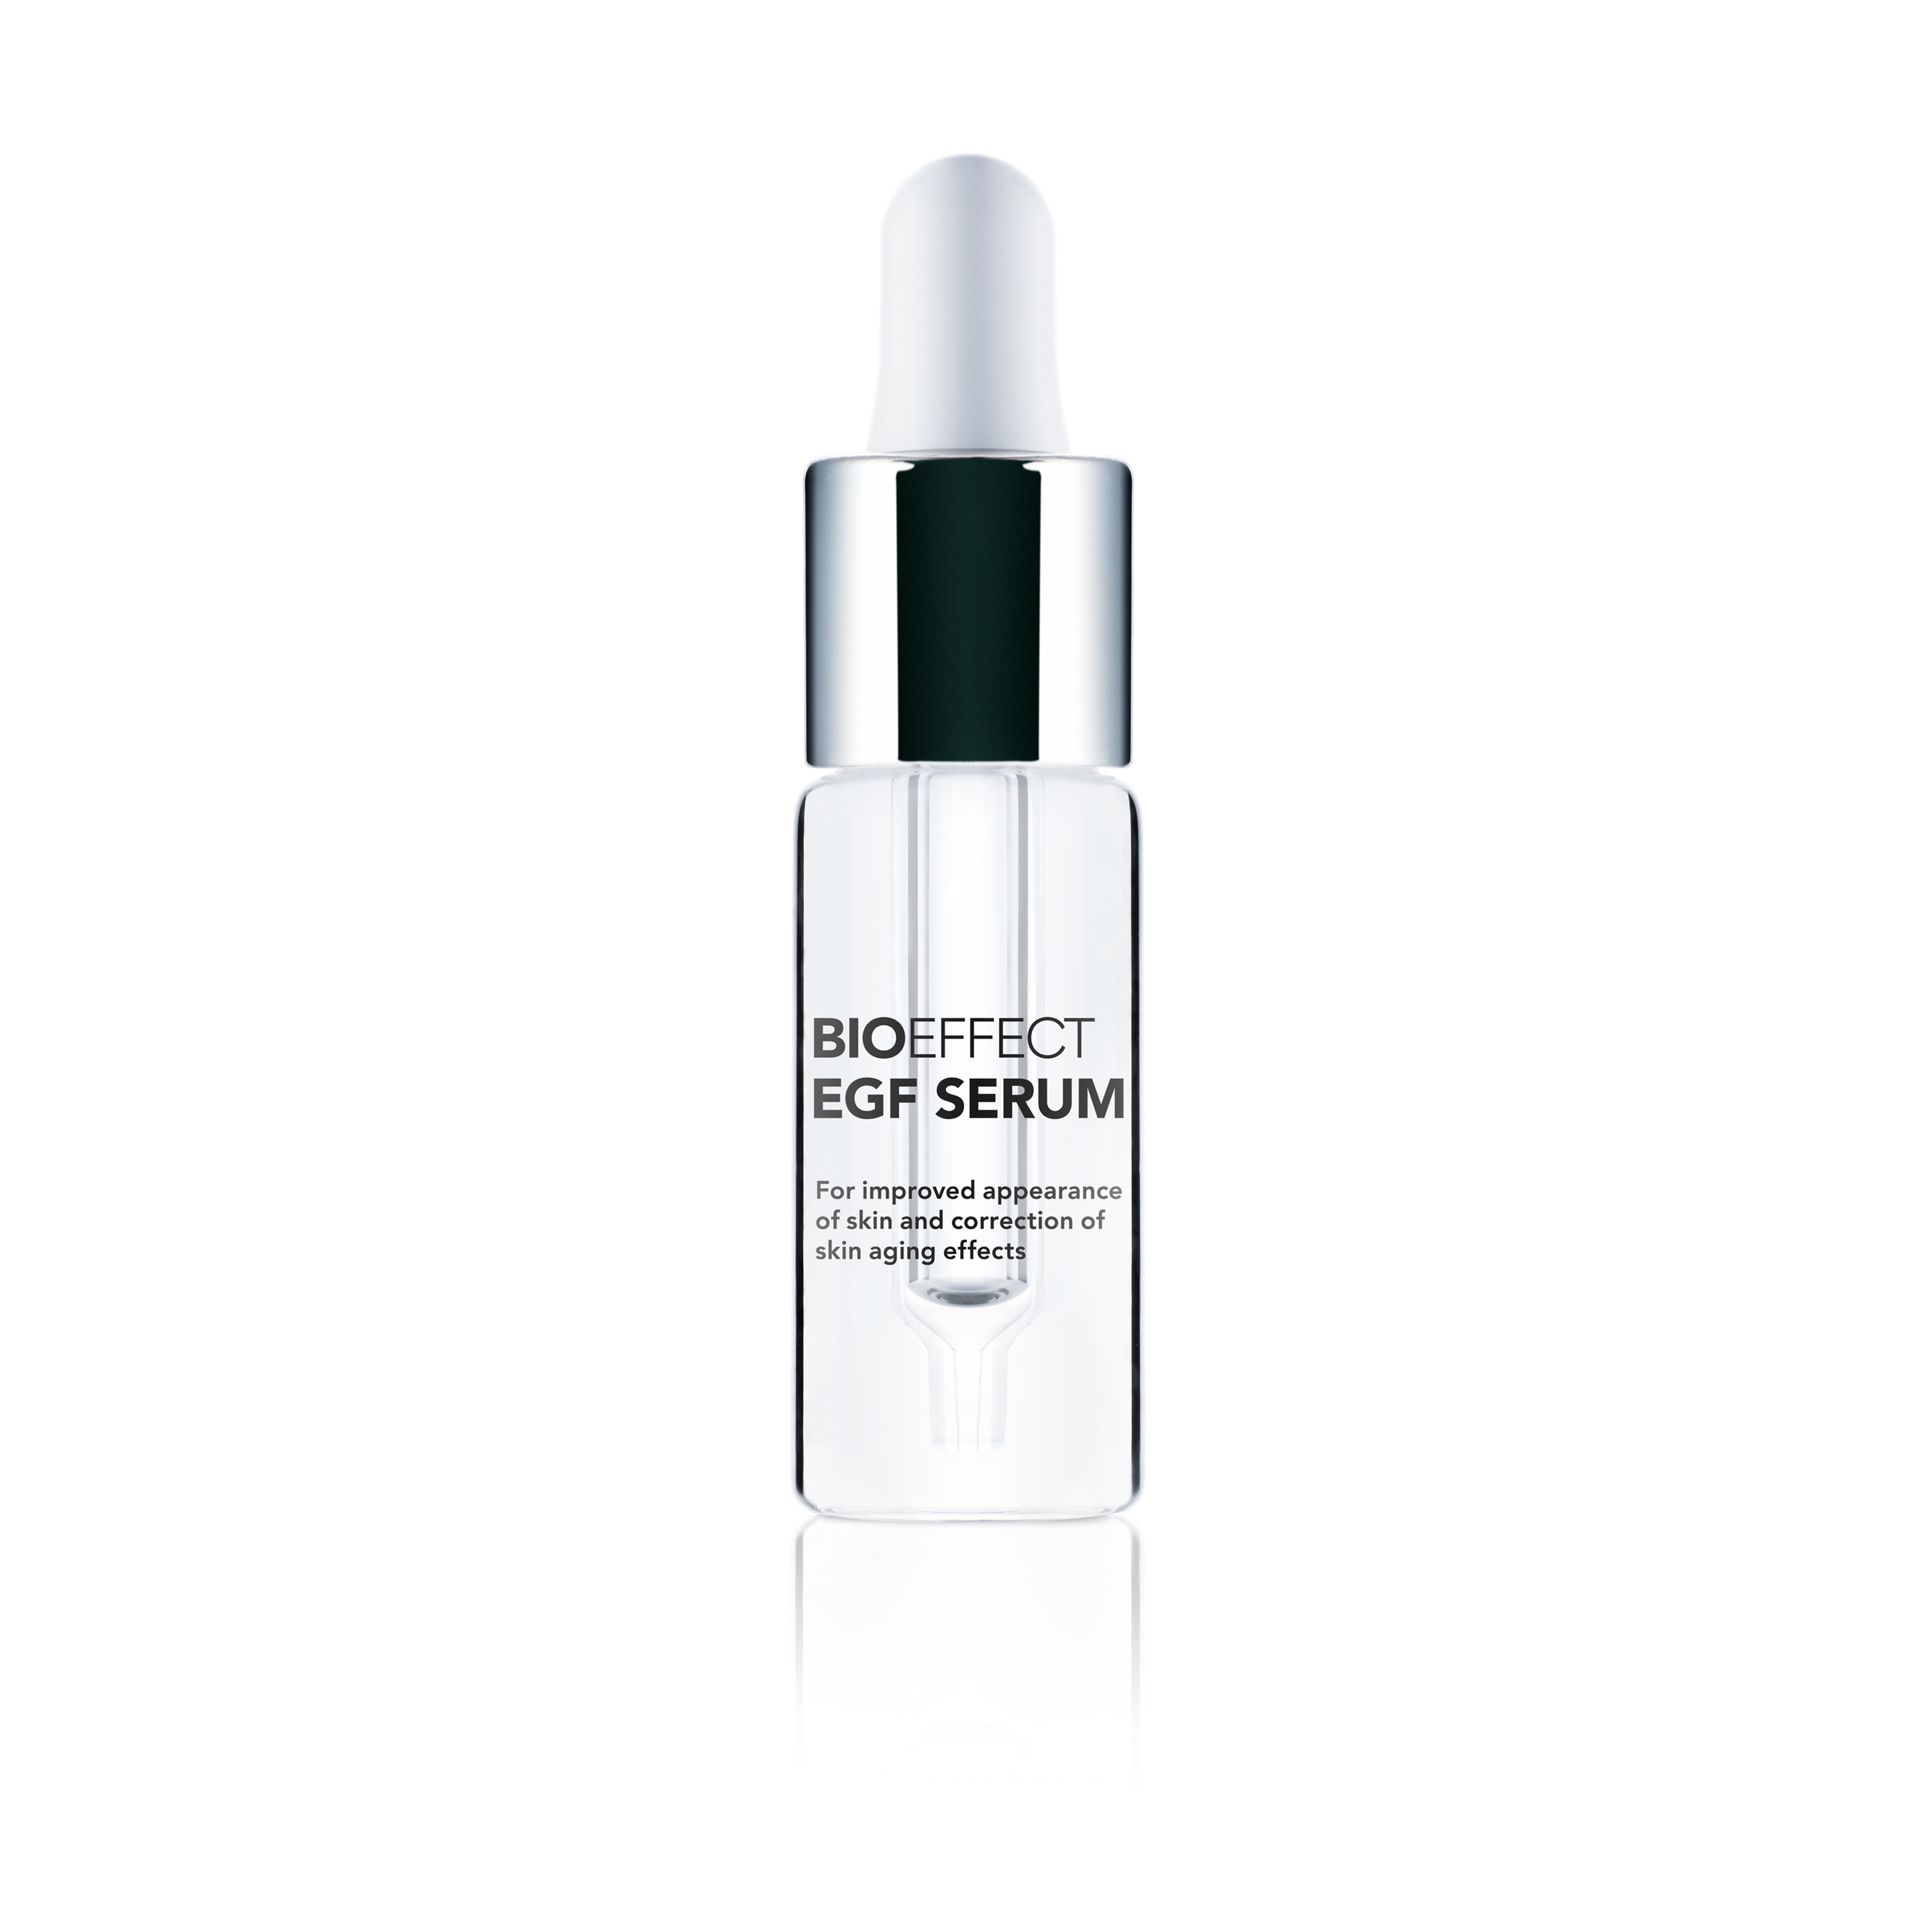 Bioeffect EGF Serum Bottle-White